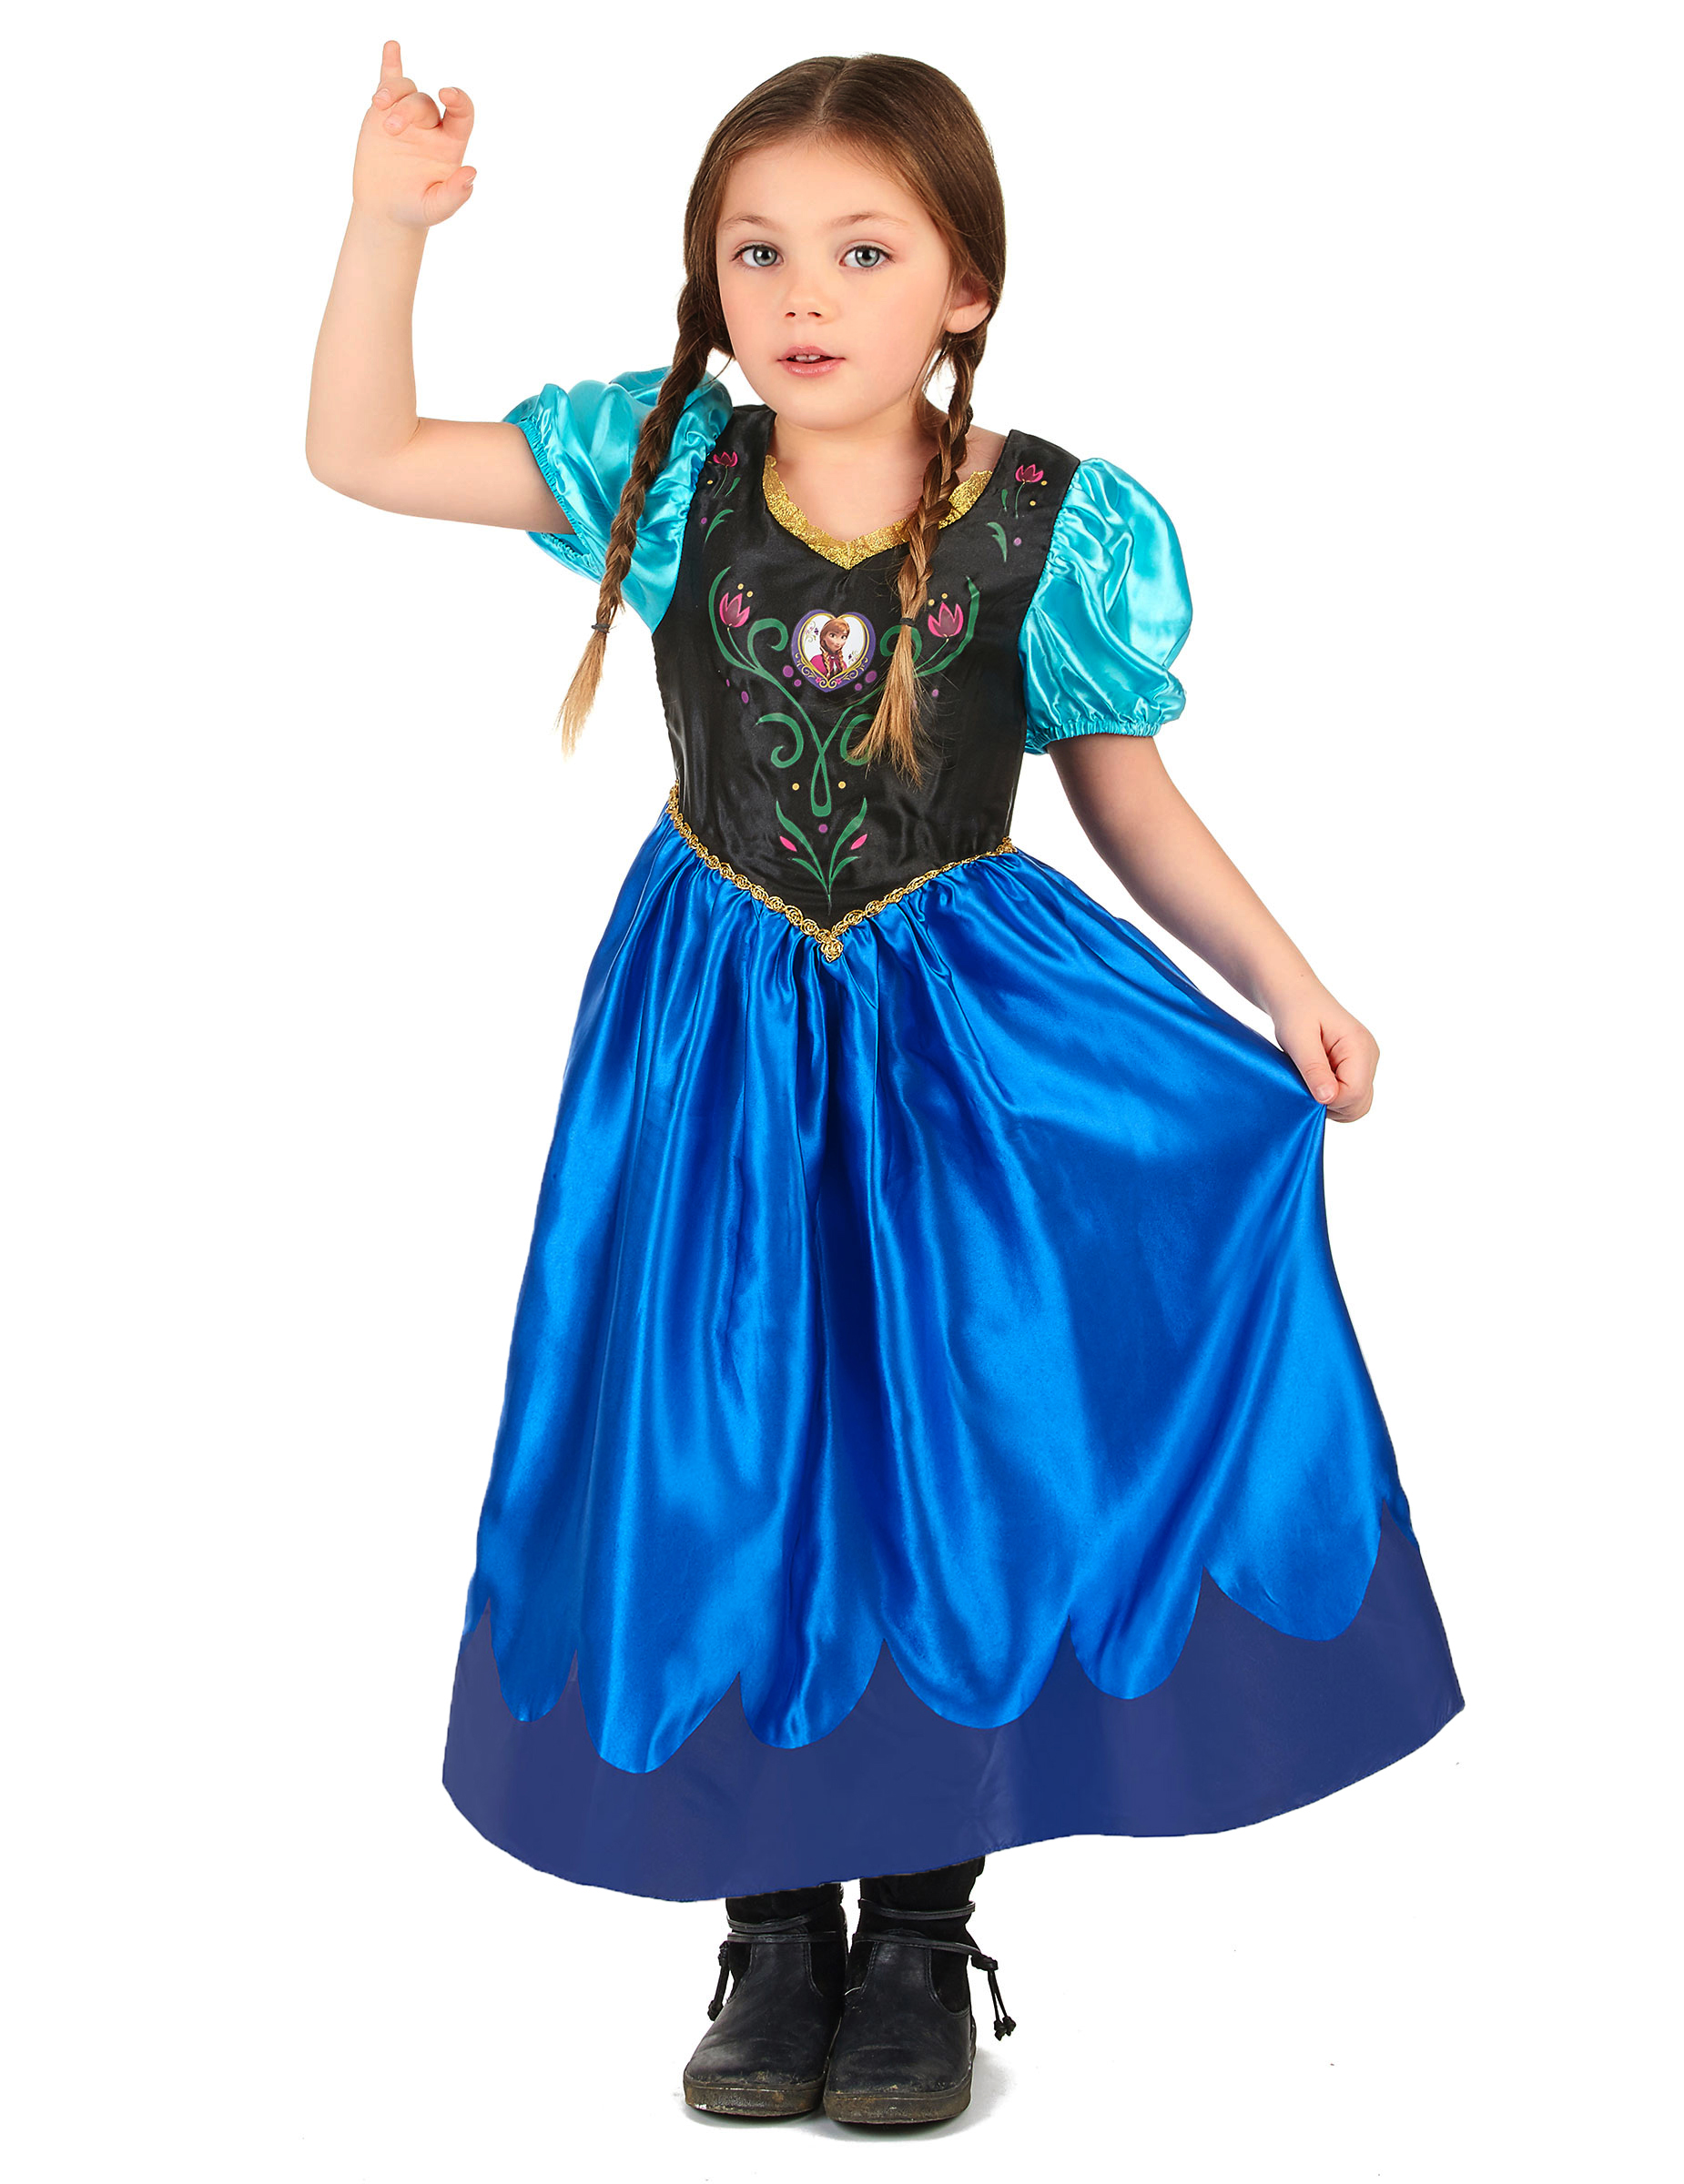 c69f5c6e61 P disfarce princesa anna frozen disney jpg 1850x2400 Princesa anna frozen